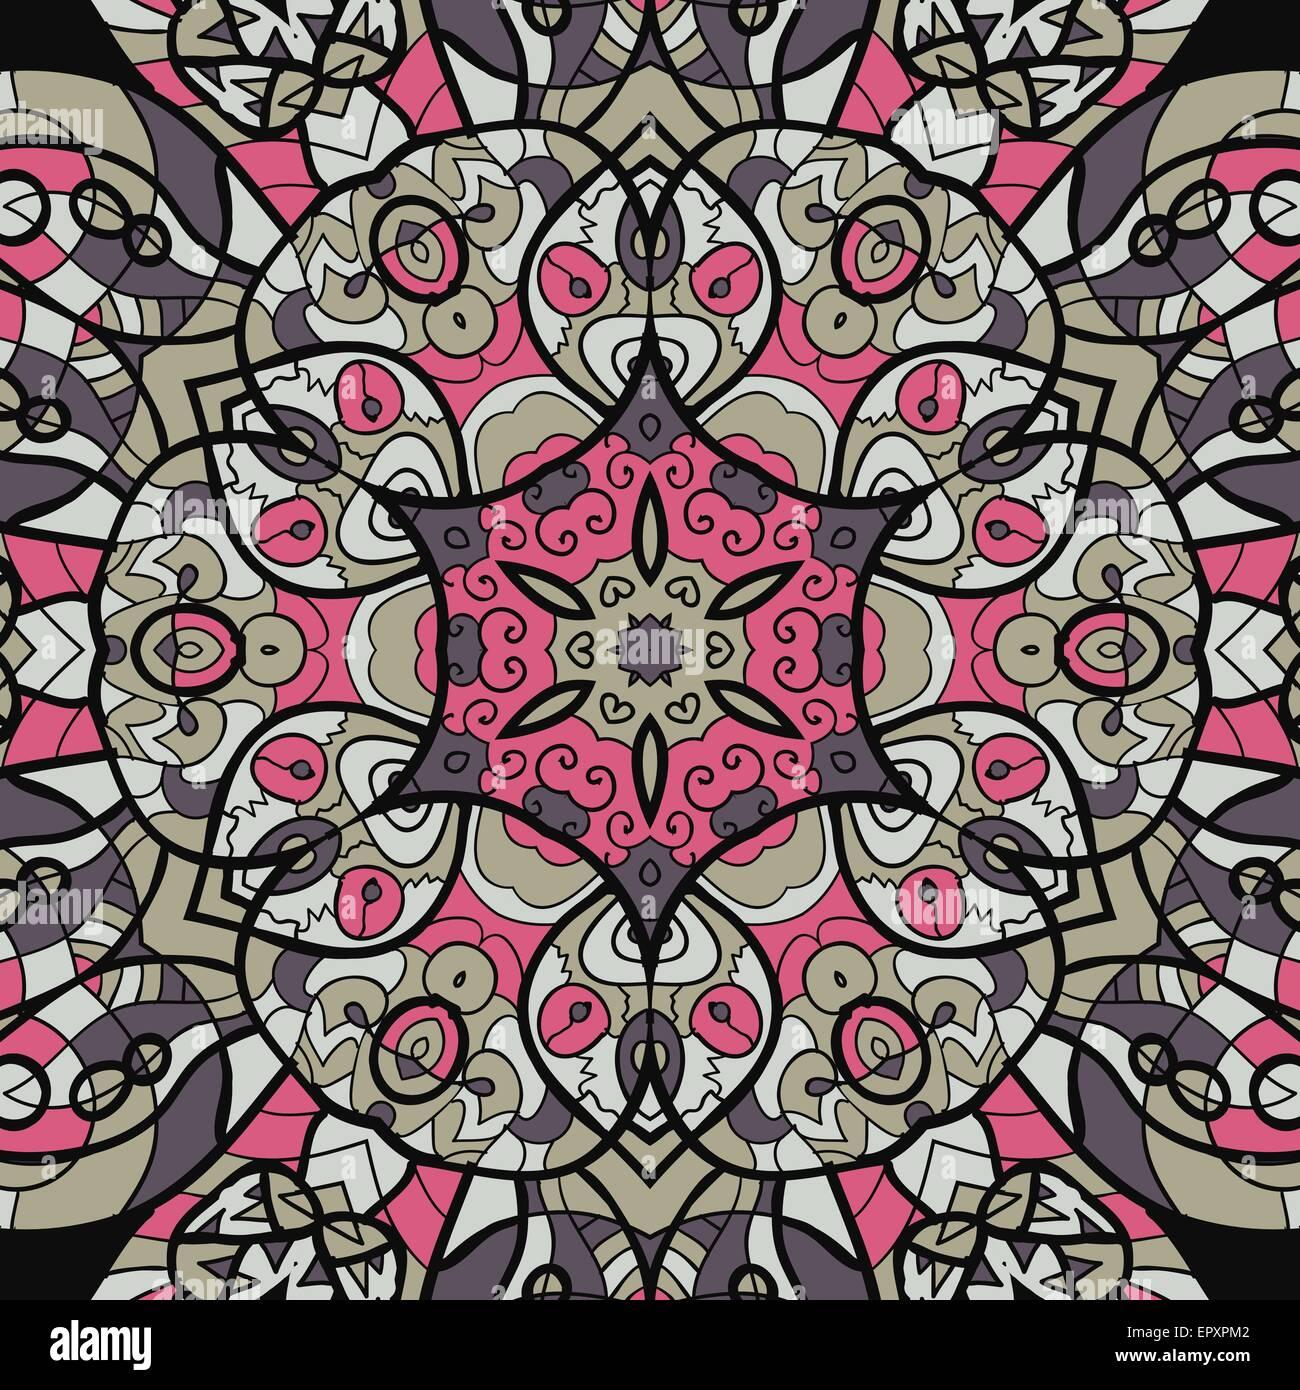 Rosa y marrón perfecta mandala ornamento. La plantilla de menú, tarjetas de felicitación, invitación Imagen De Stock